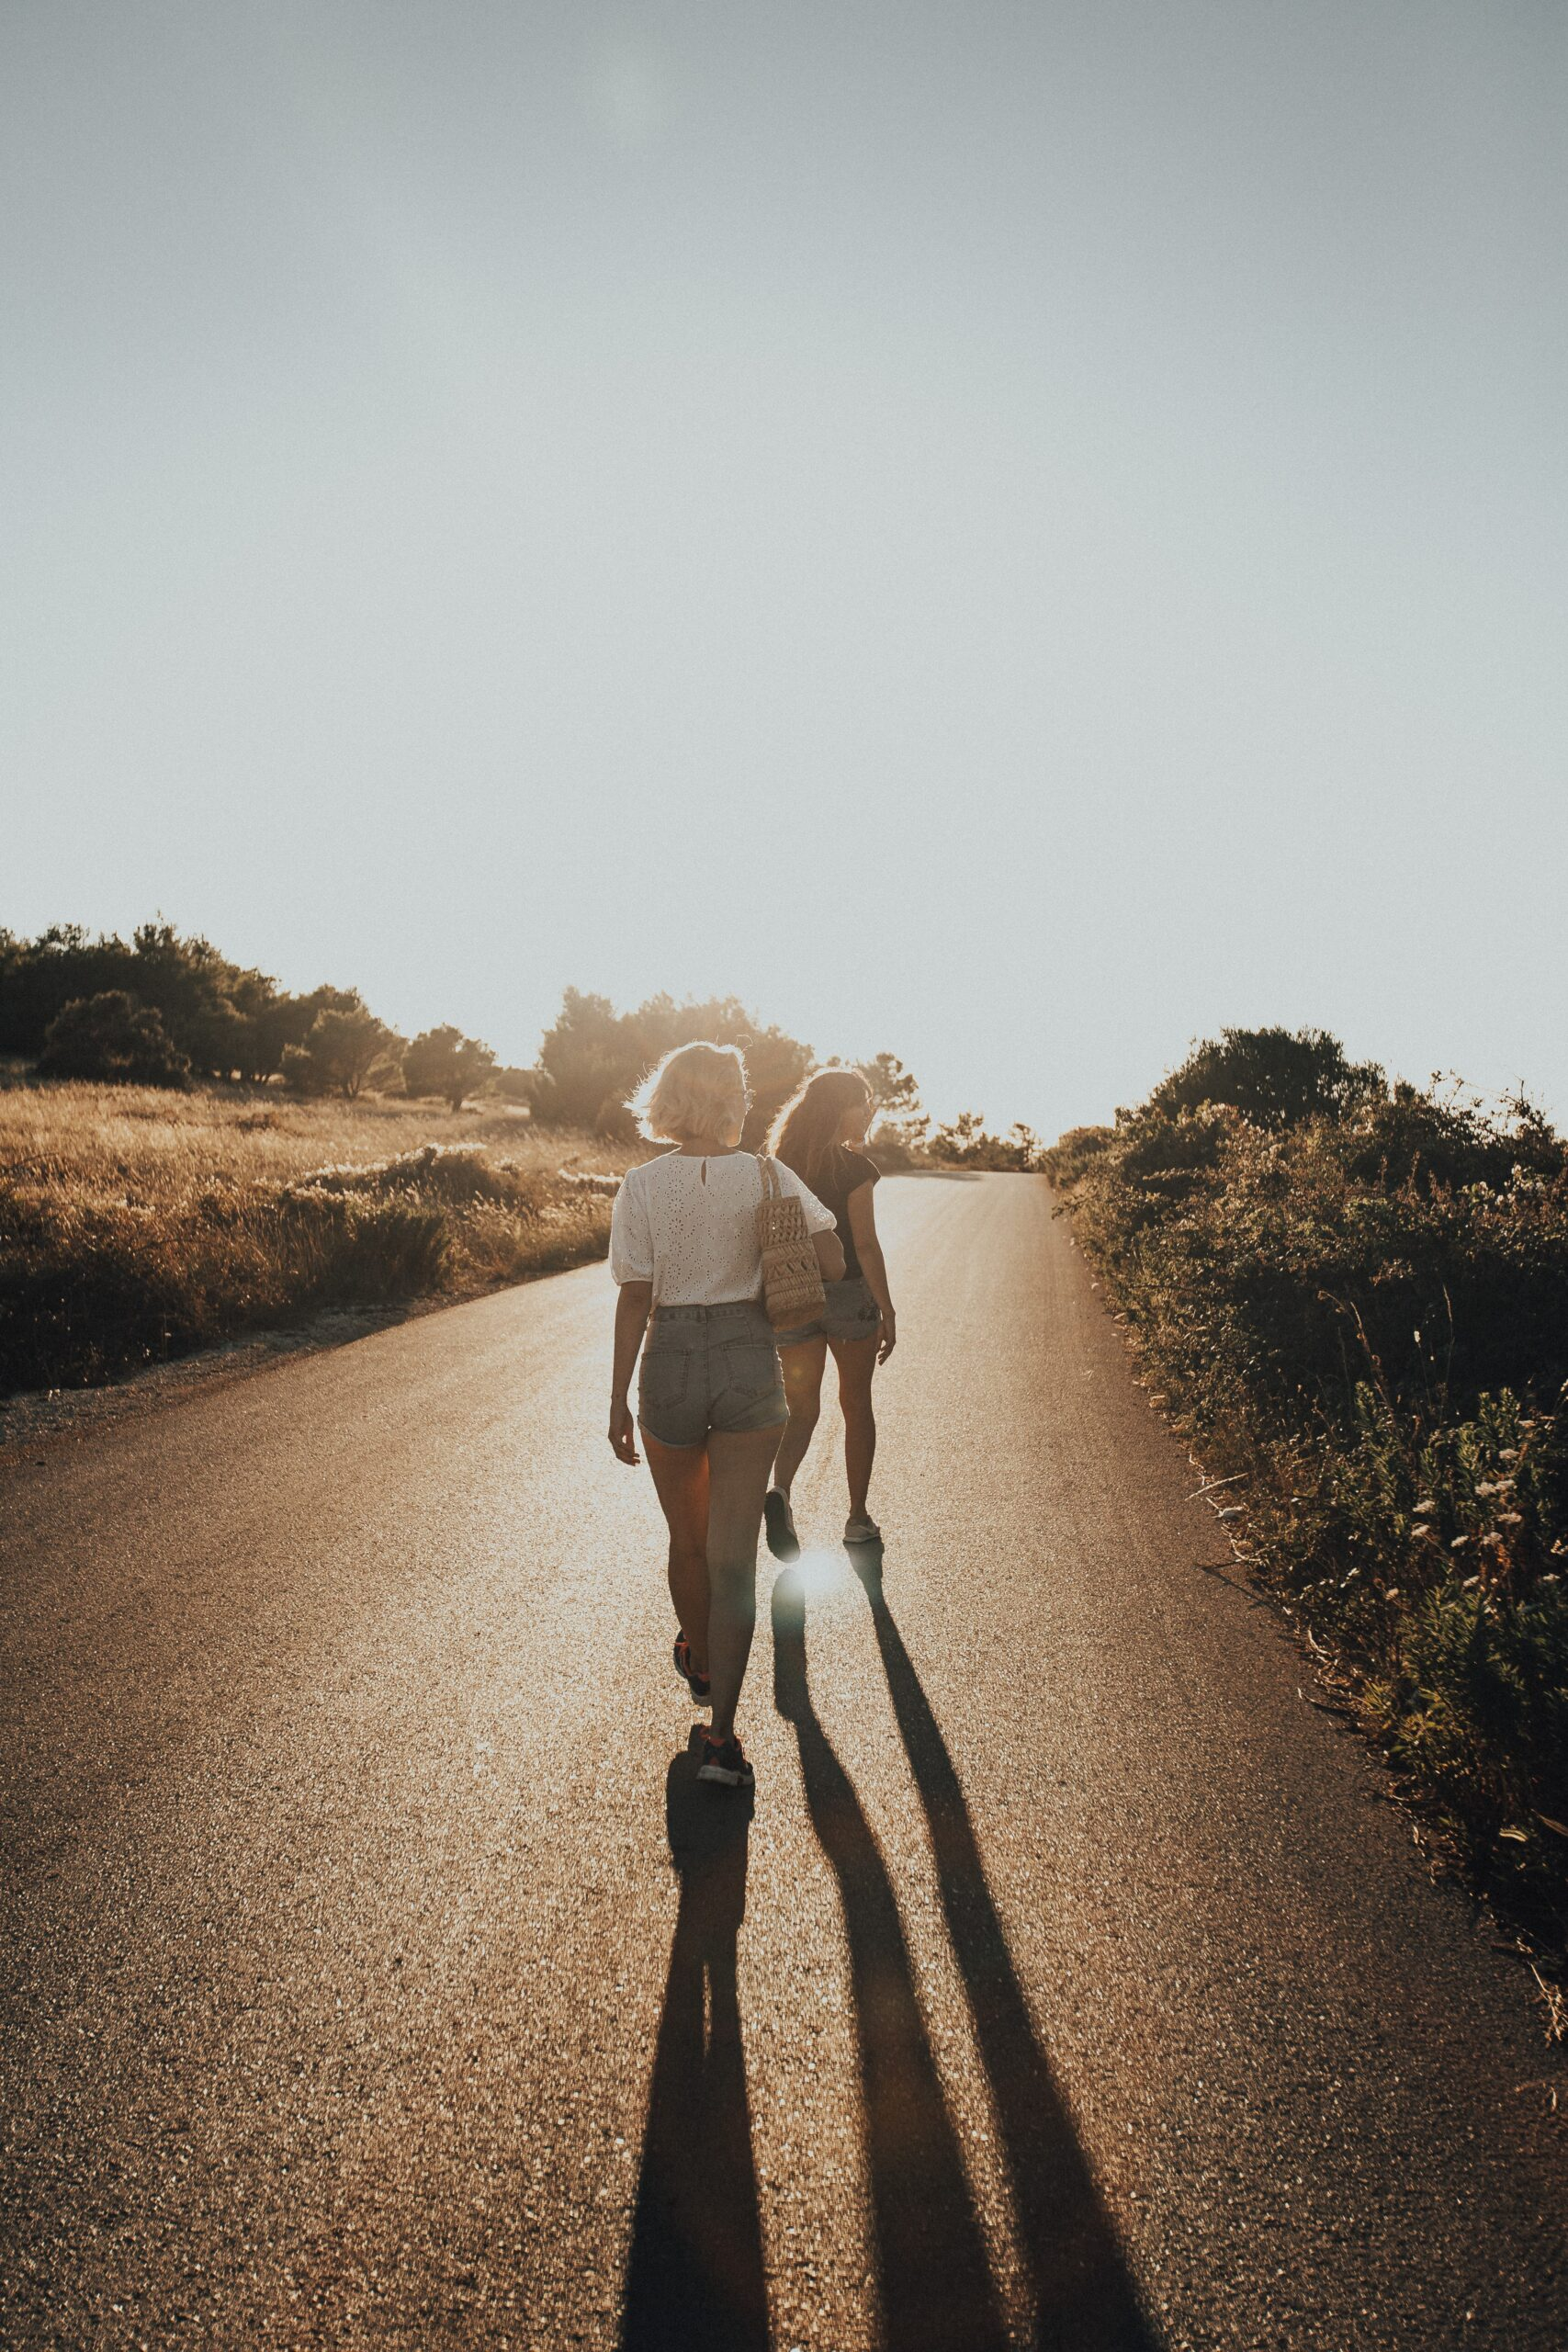 Το καθημερινό περπάτημα: δείτε τα 6 οφέλη του 1